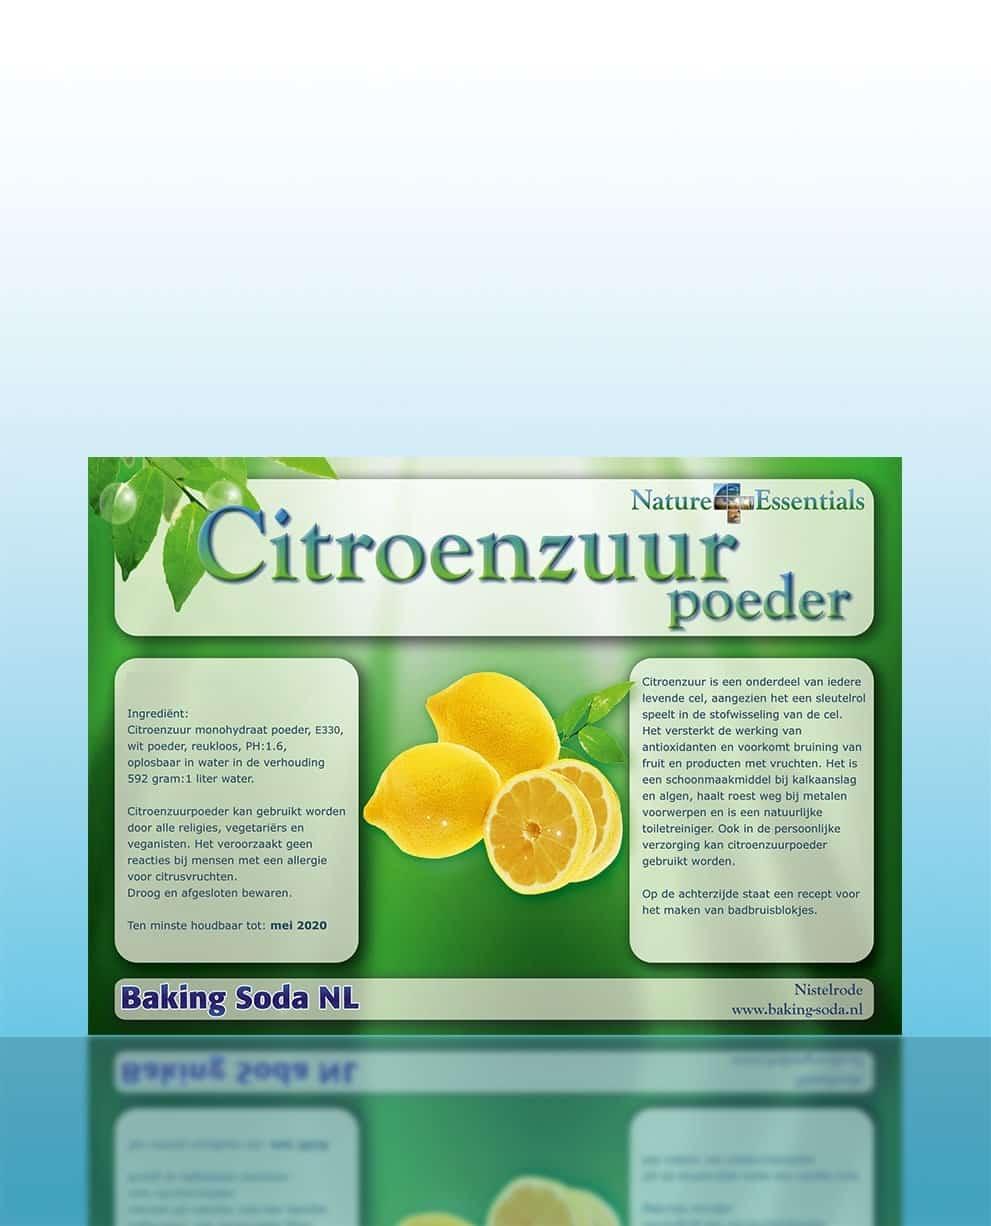 baking-soda-nl-citroenzuurpoeder-01